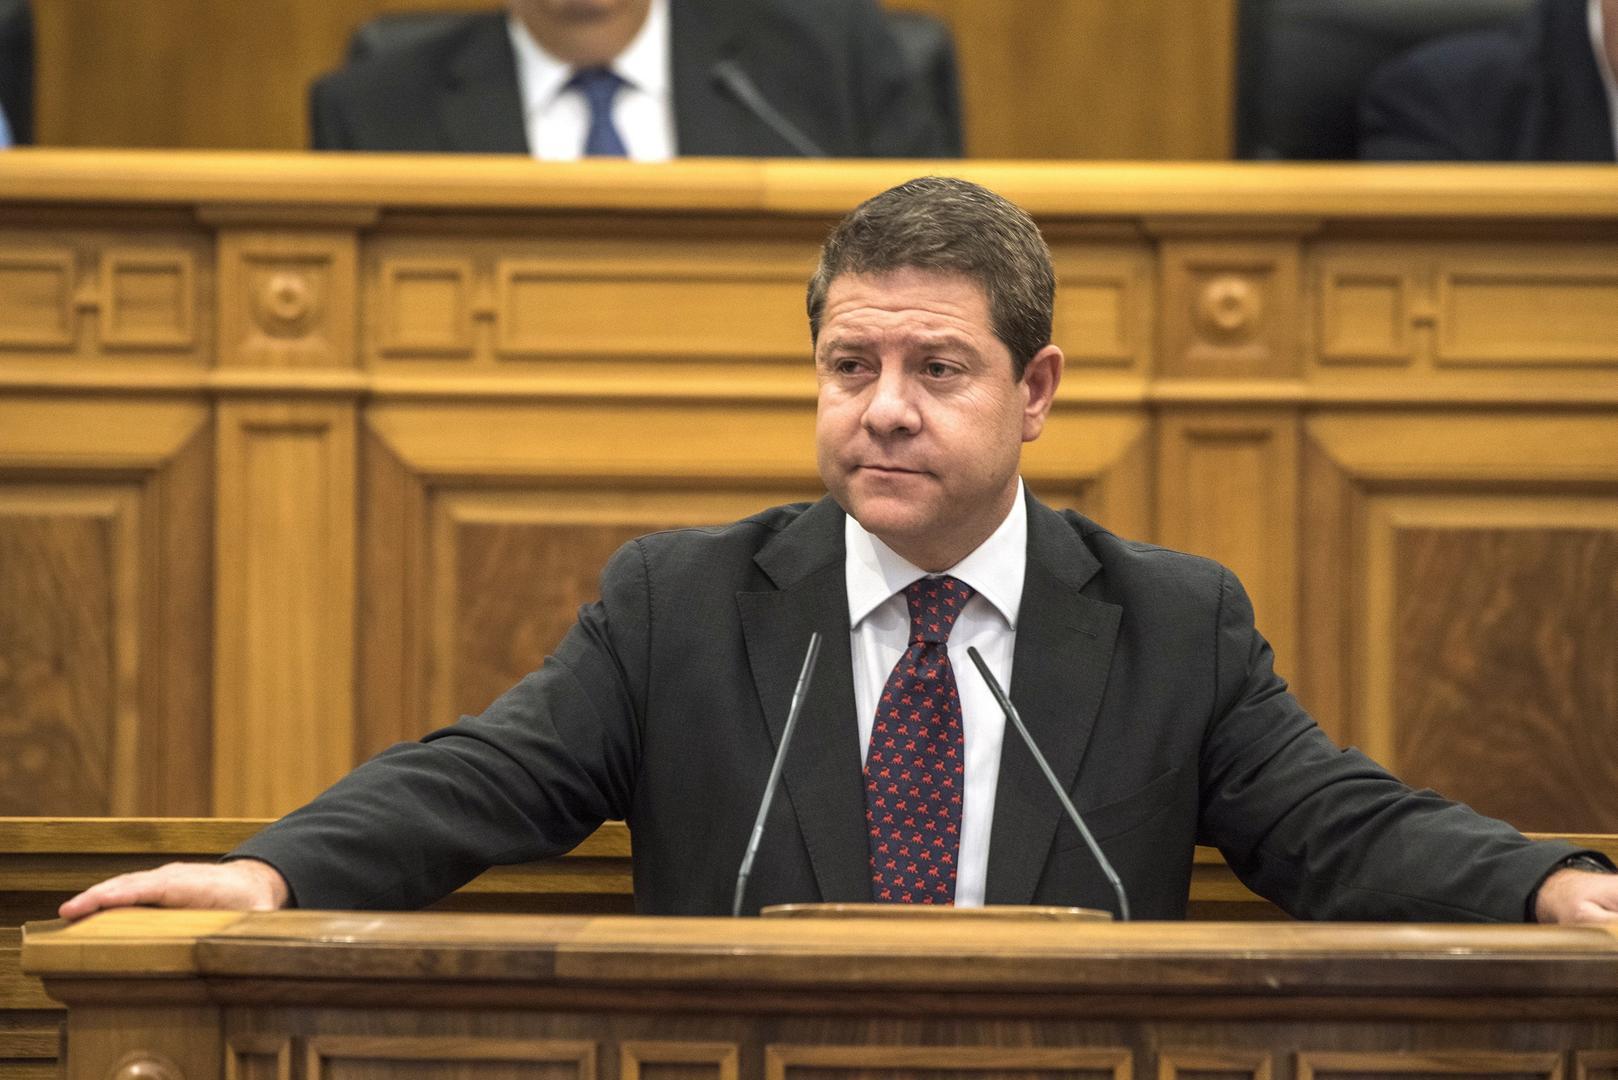 El presidente de Castilla-La Mancha, Emiliano García-Page, en la tribuna del Parlamento autonómico. EFE